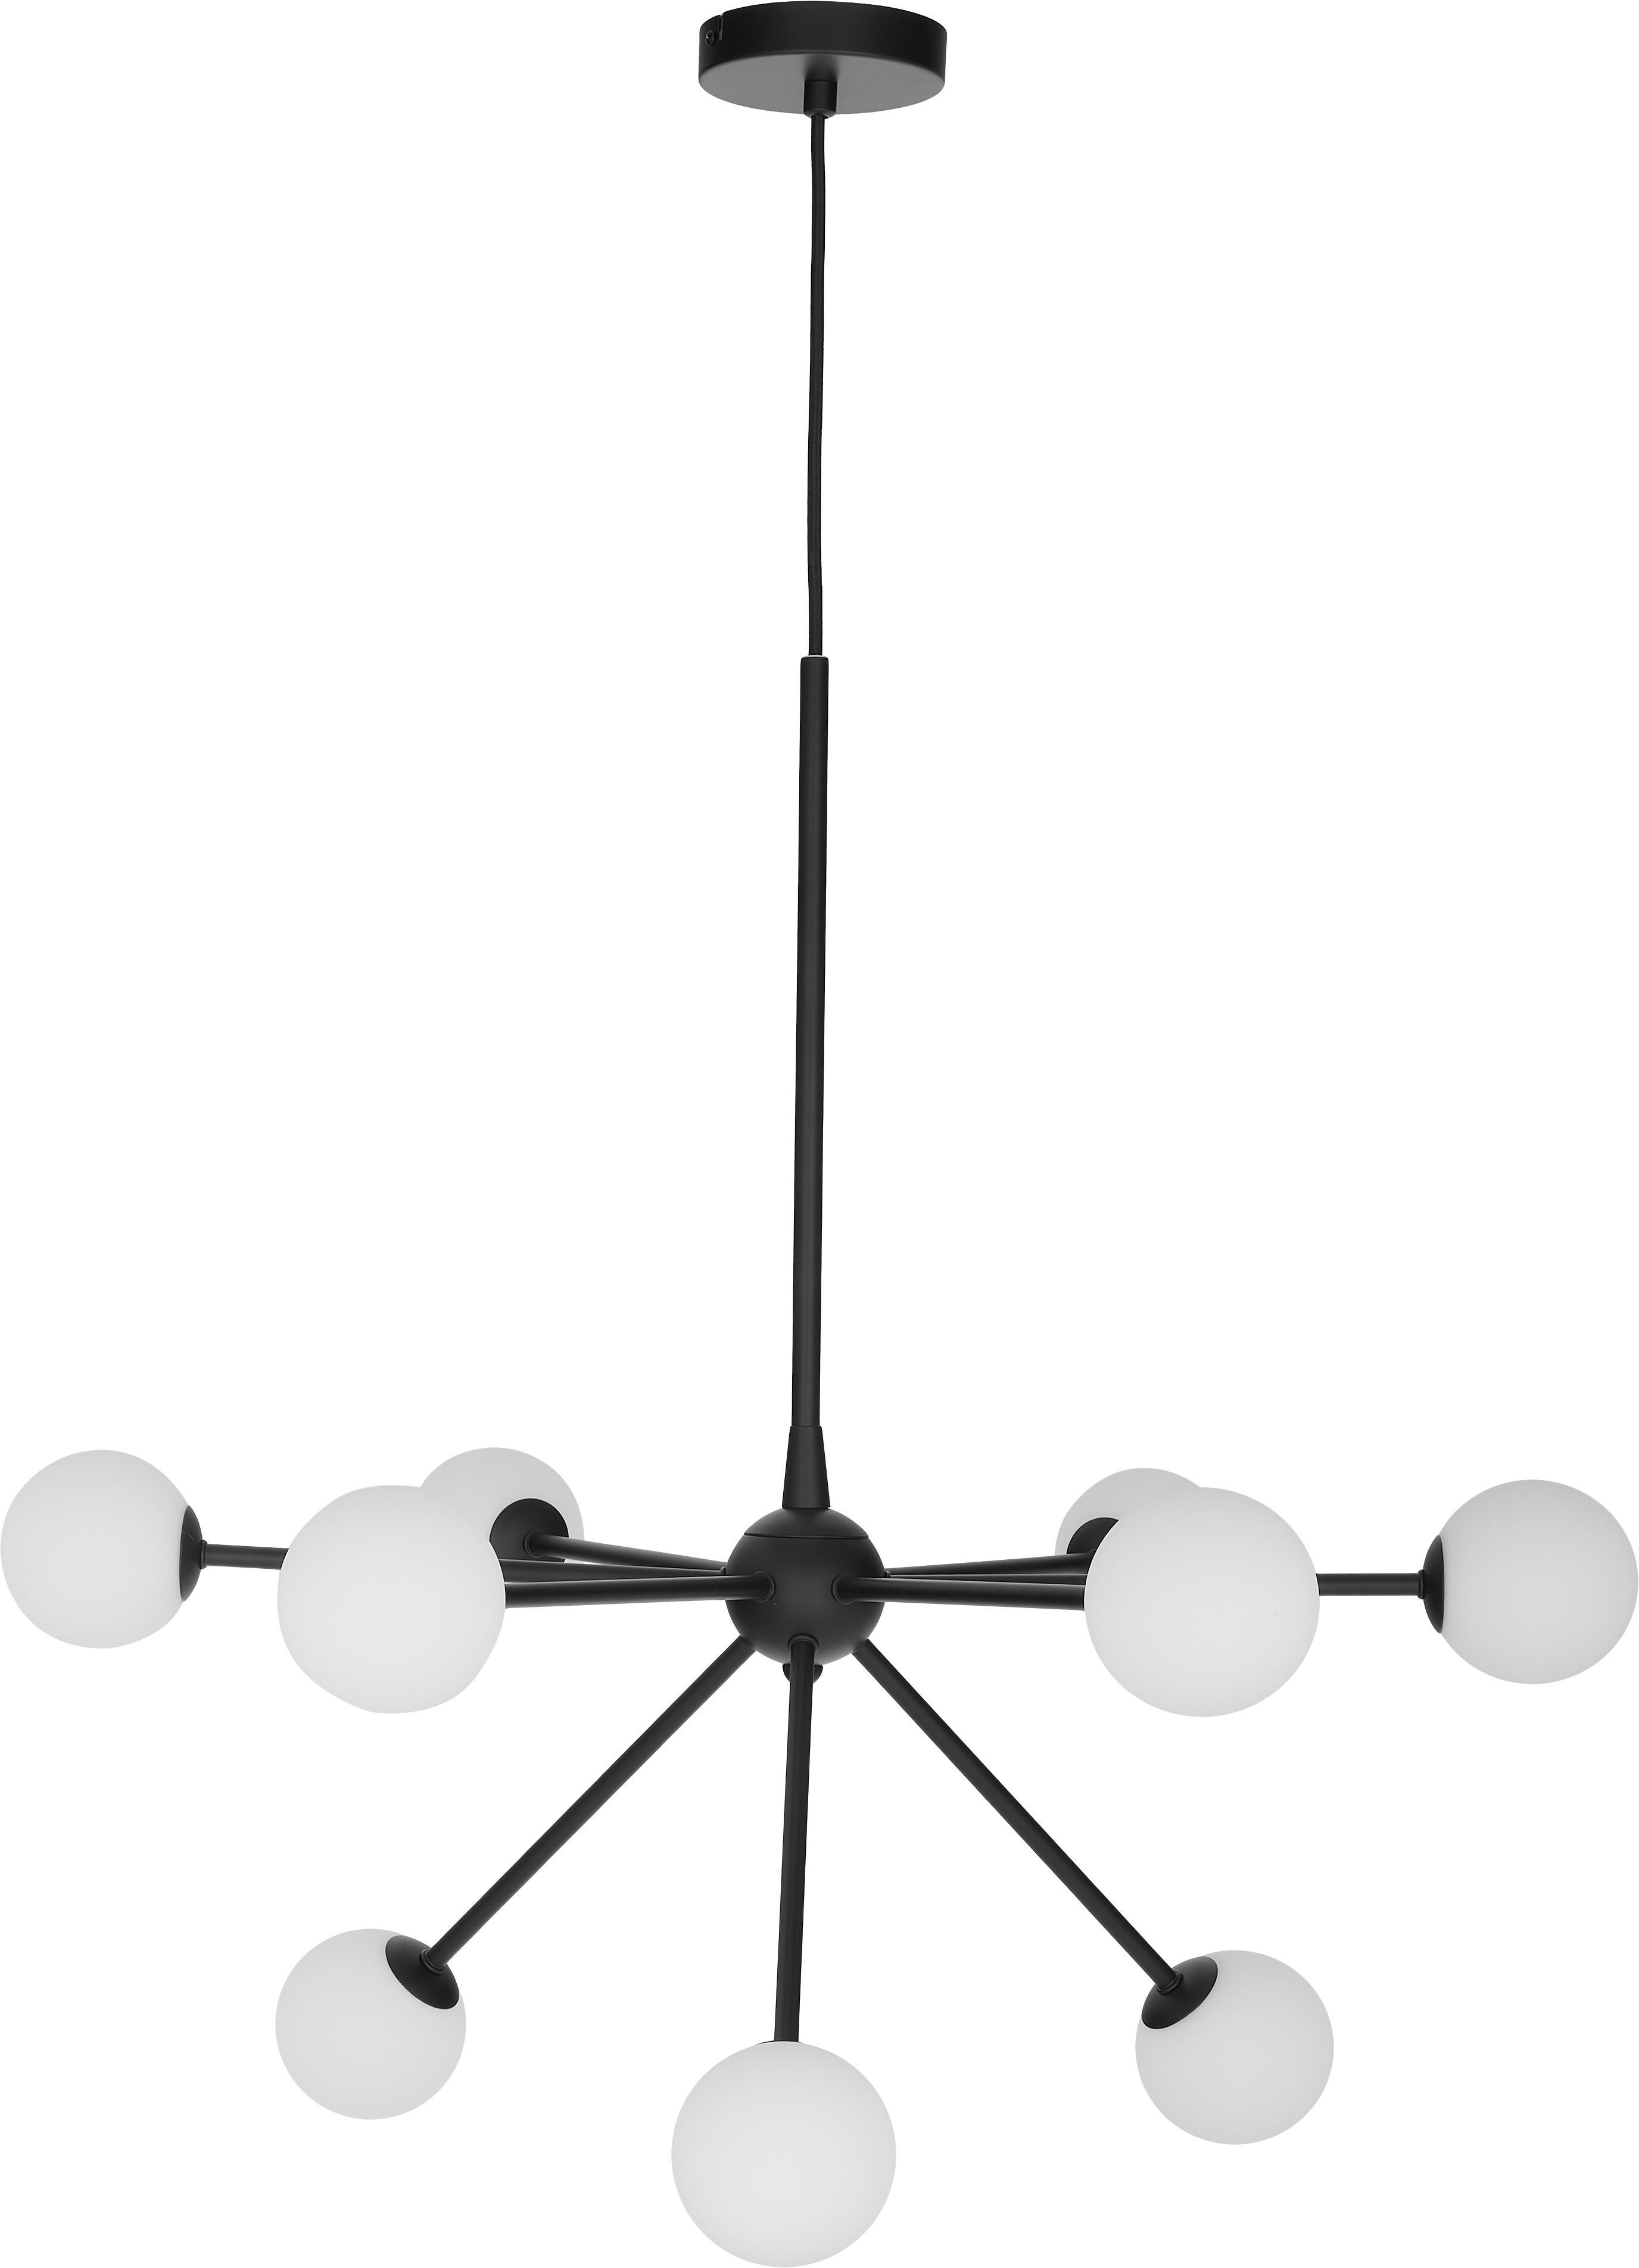 Pendelleuchte Space, Schwarz, B 81 x T 71 cm